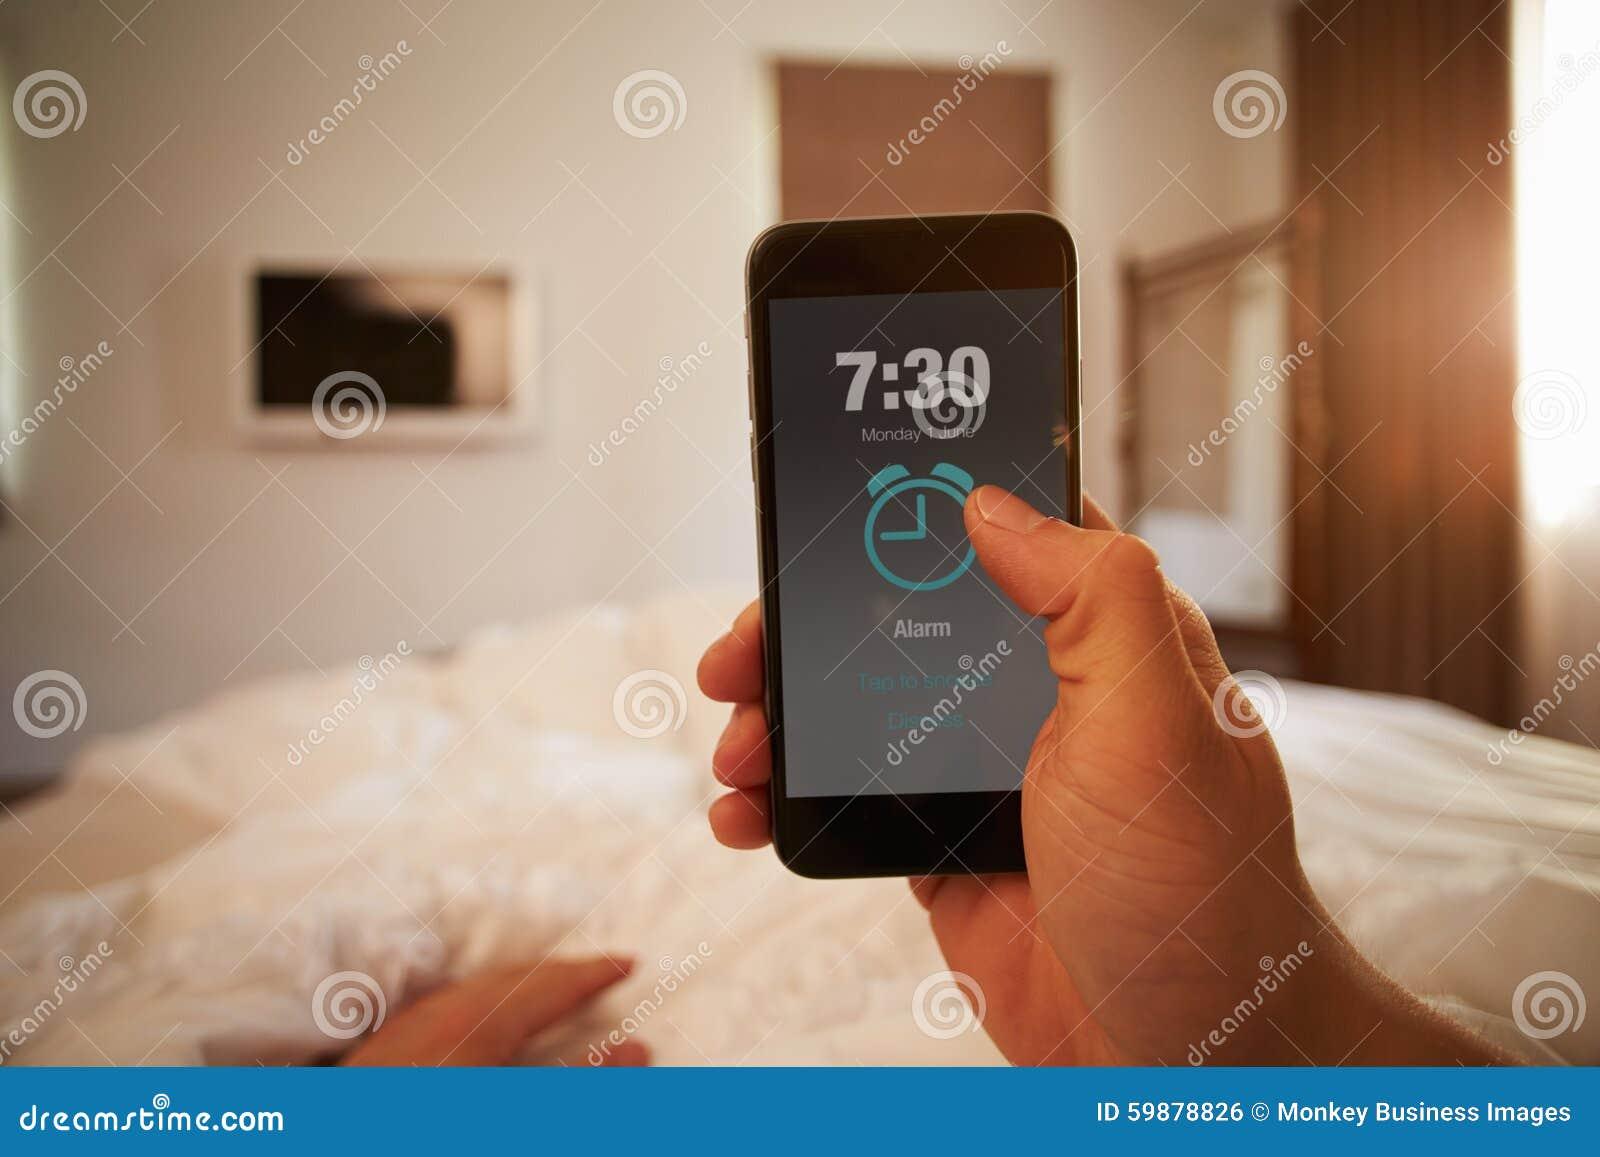 Gesichtspunkt-Bild der Person In Bed Turning Off-Telefon-Warnung